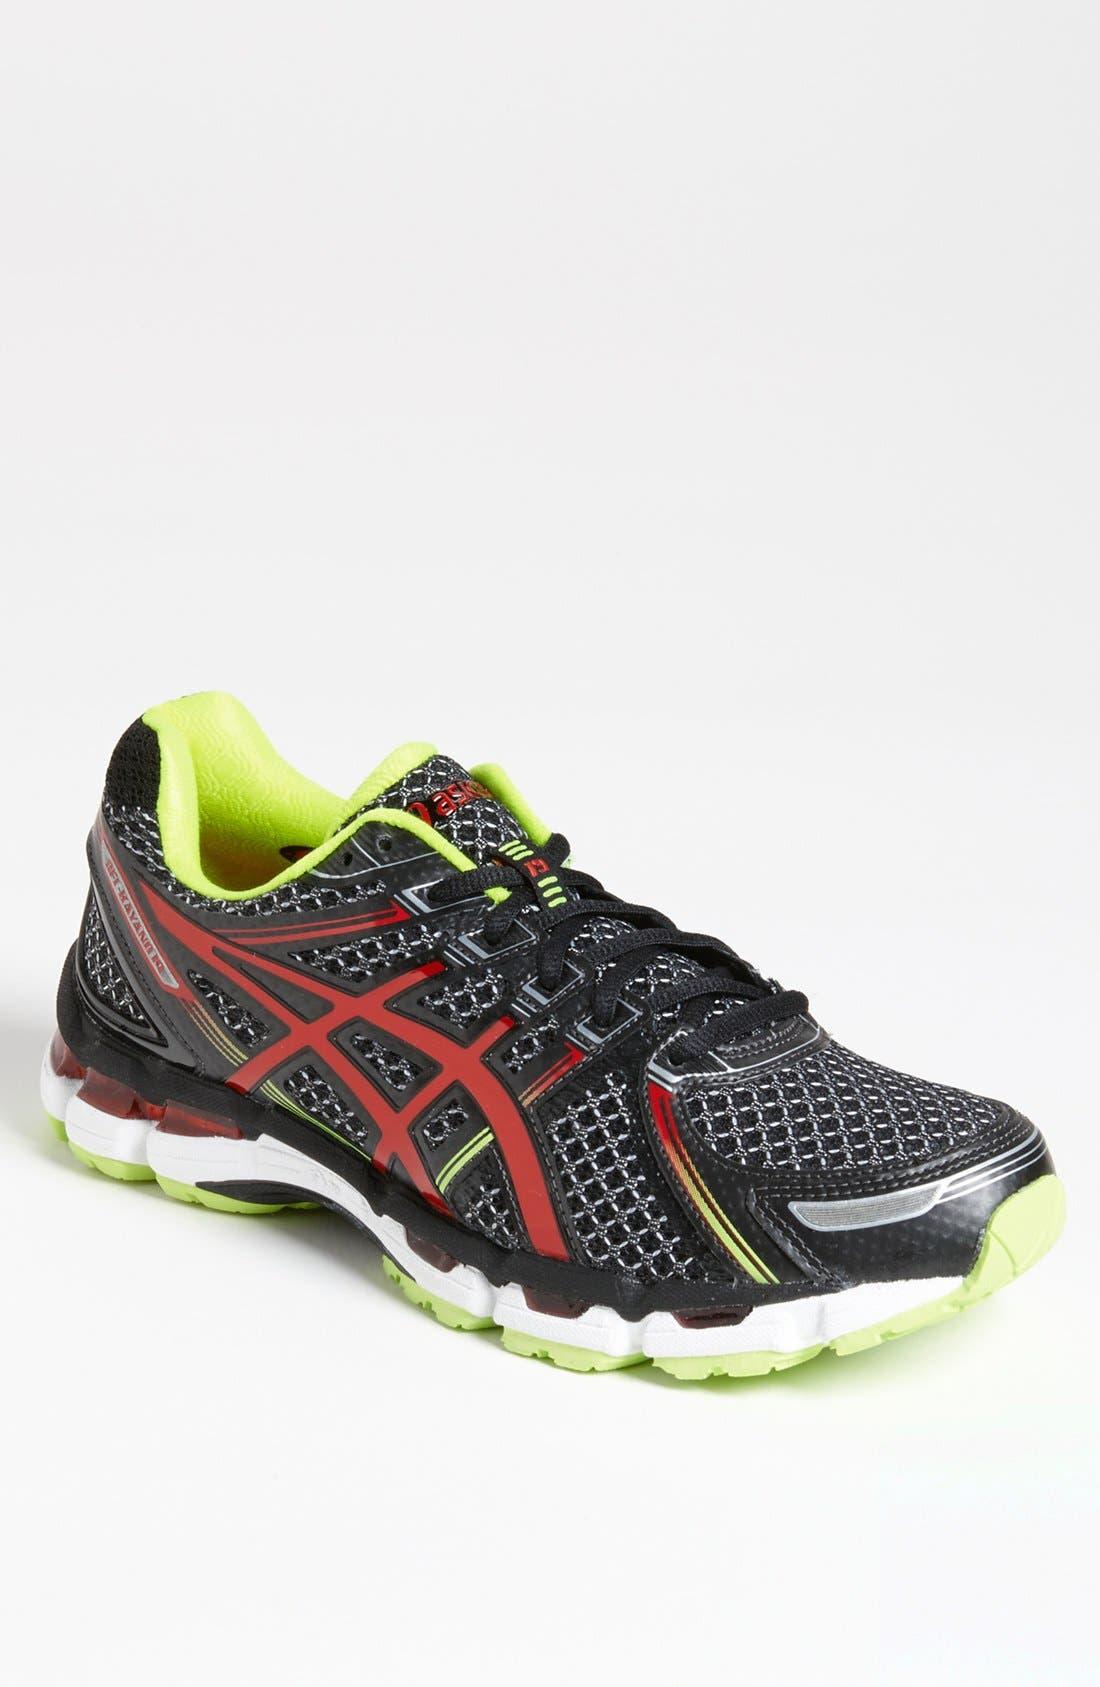 Main Image - ASICS® 'GEL-Kayano® 19' Running Shoe (Men) (Online Only) (Regular Retail Price: $144.95)